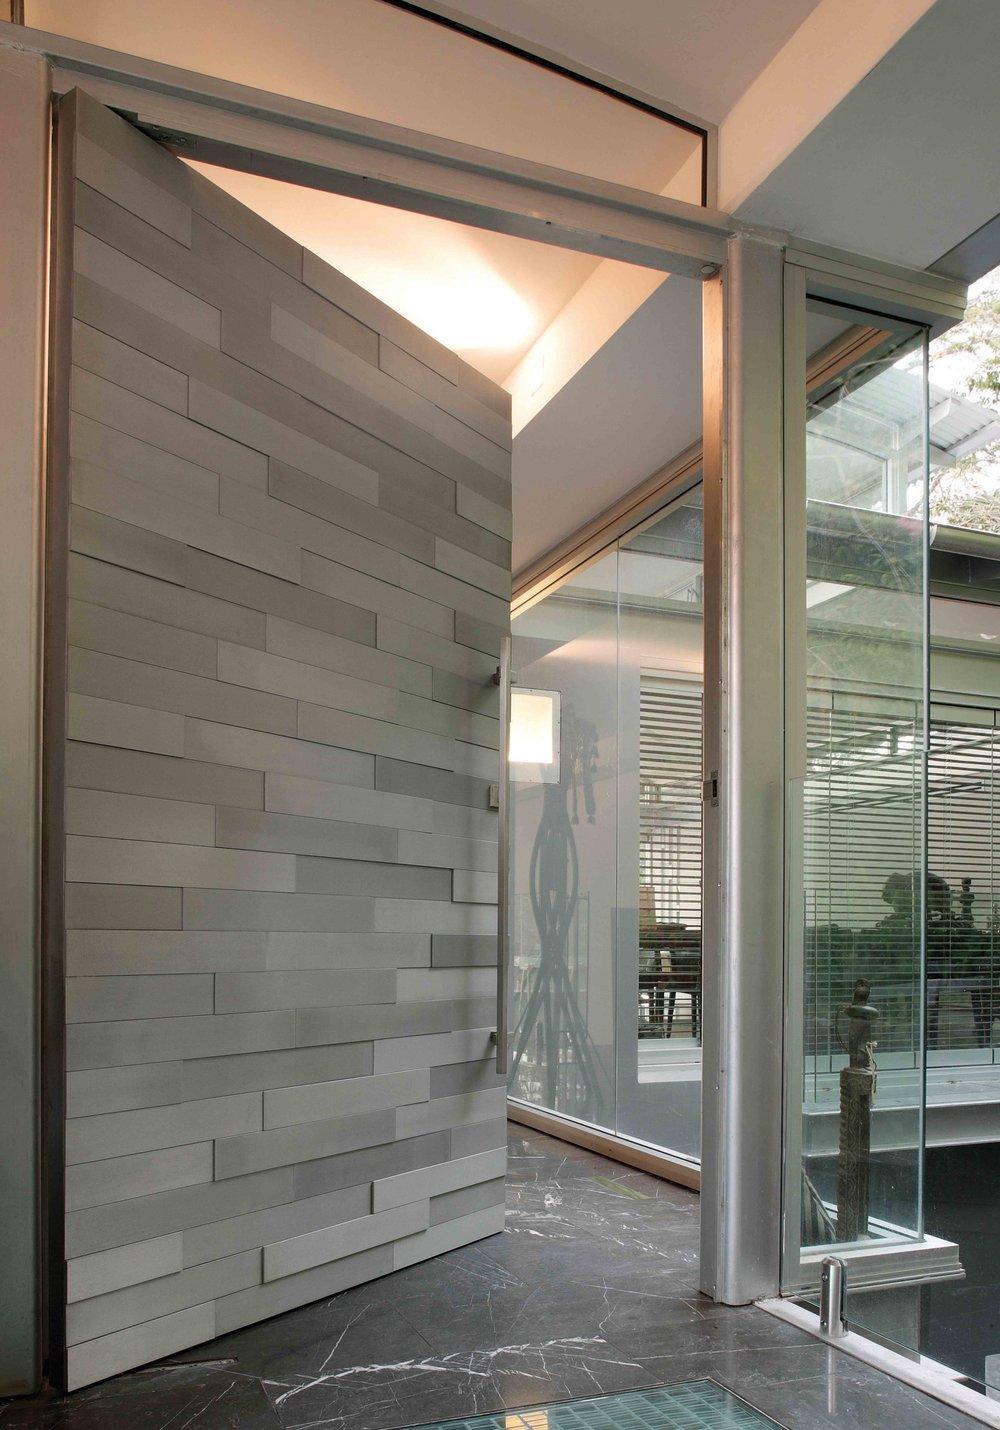 Необичайната - Пример за това как необичайните материали могат да превърнат обикновенавходна врата в истинска отправна точка на едно жилище. В този пример имаме смел подход към текстурата, а каменните панели се различават по нюанс и височина.